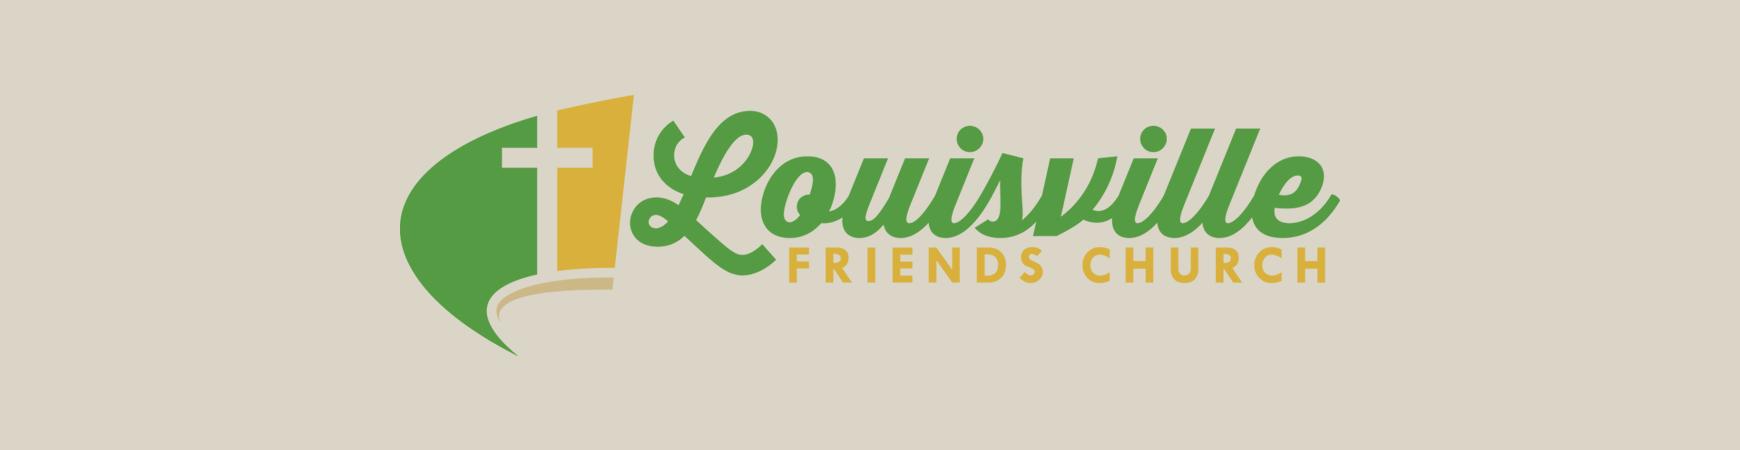 EFC Louisville